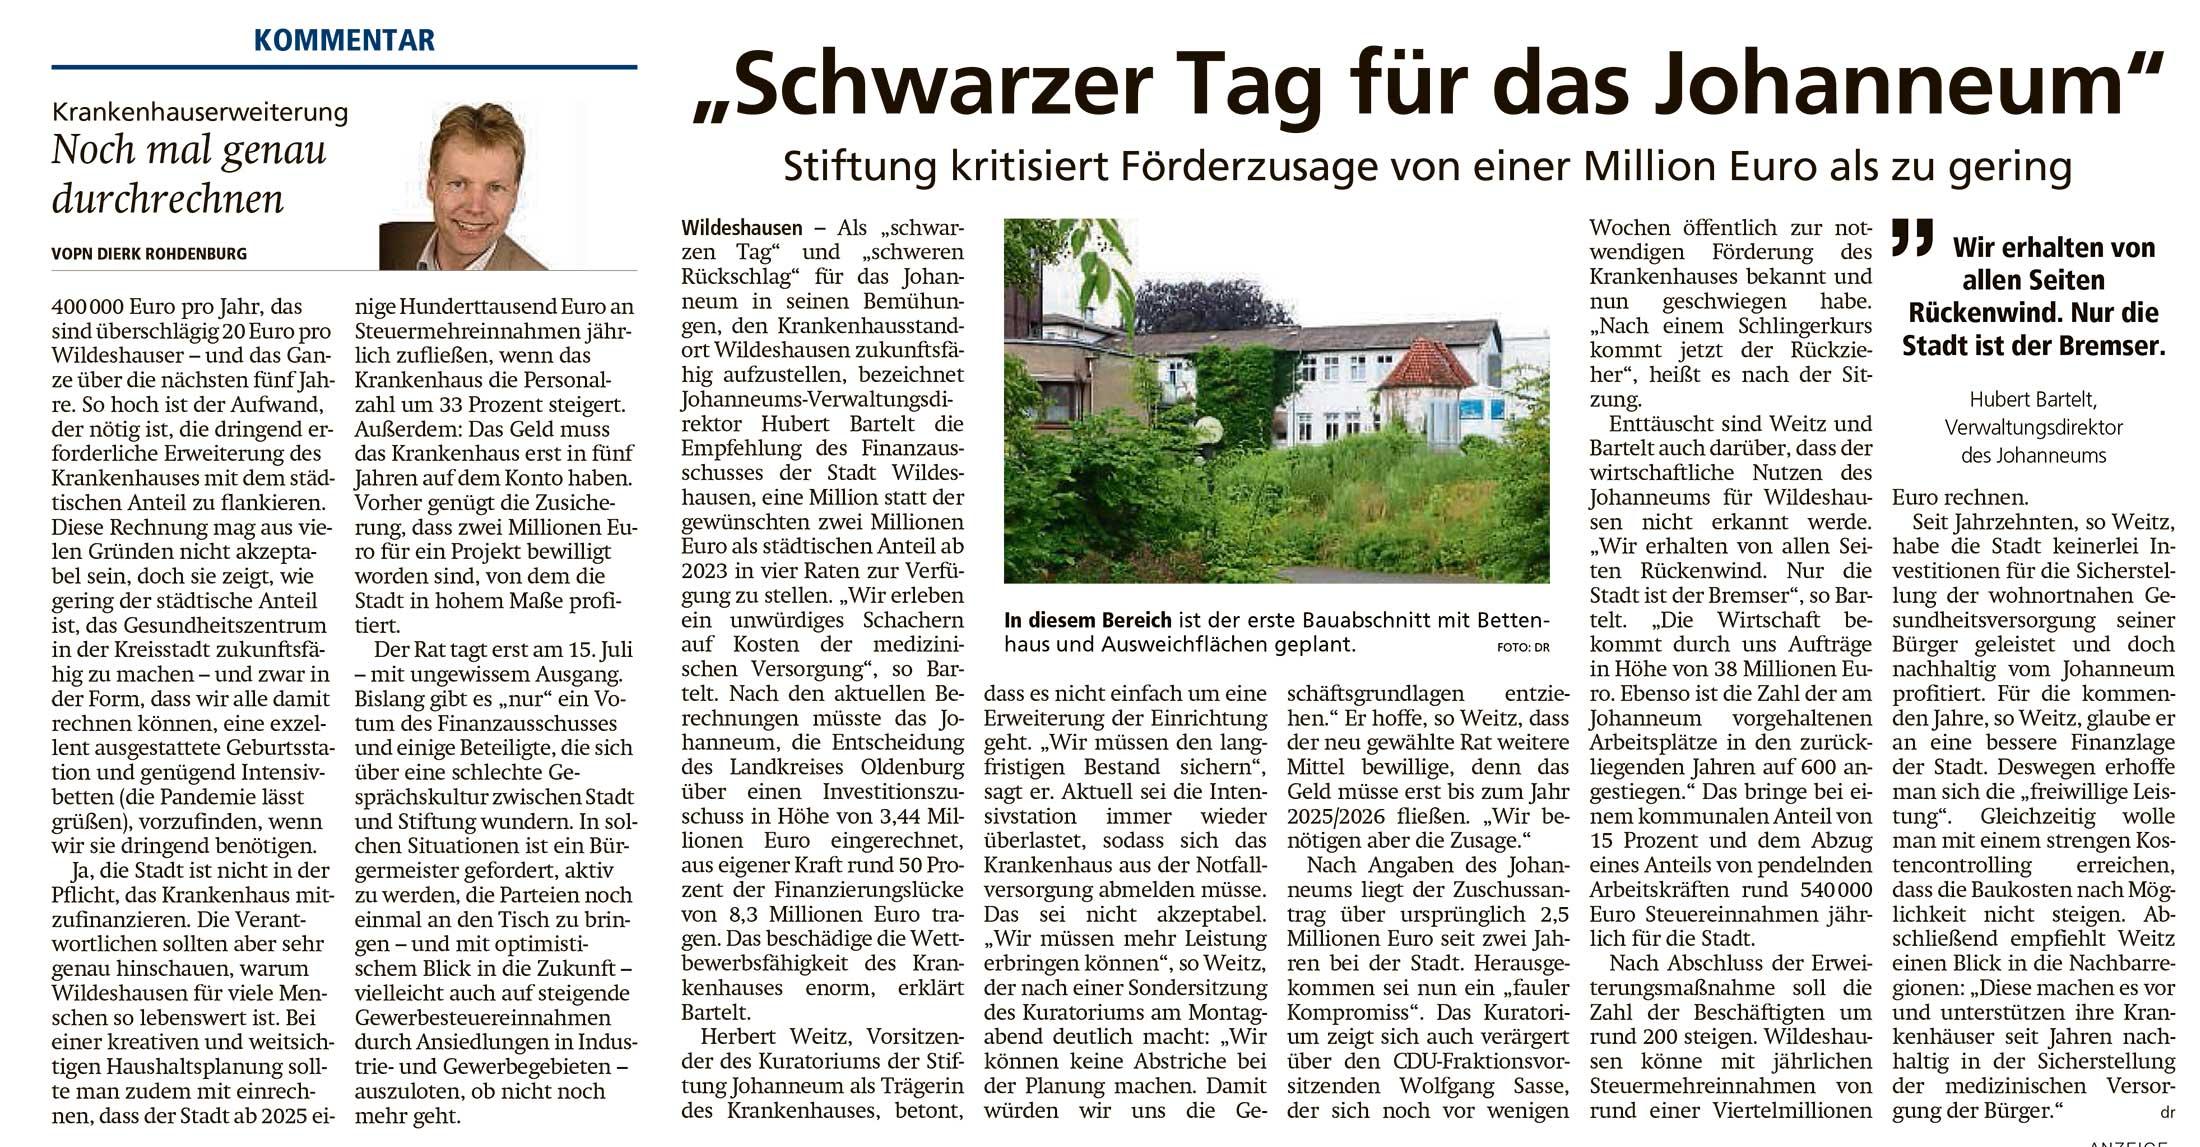 'Schwarzer Tag für das Johanneum'Stiftung kritisiert Förderzusage von einer Million Euro als zu gering // Kommentar: Noch mal genau durchrechnenArtikel vom 07.07.2021 (WZ)